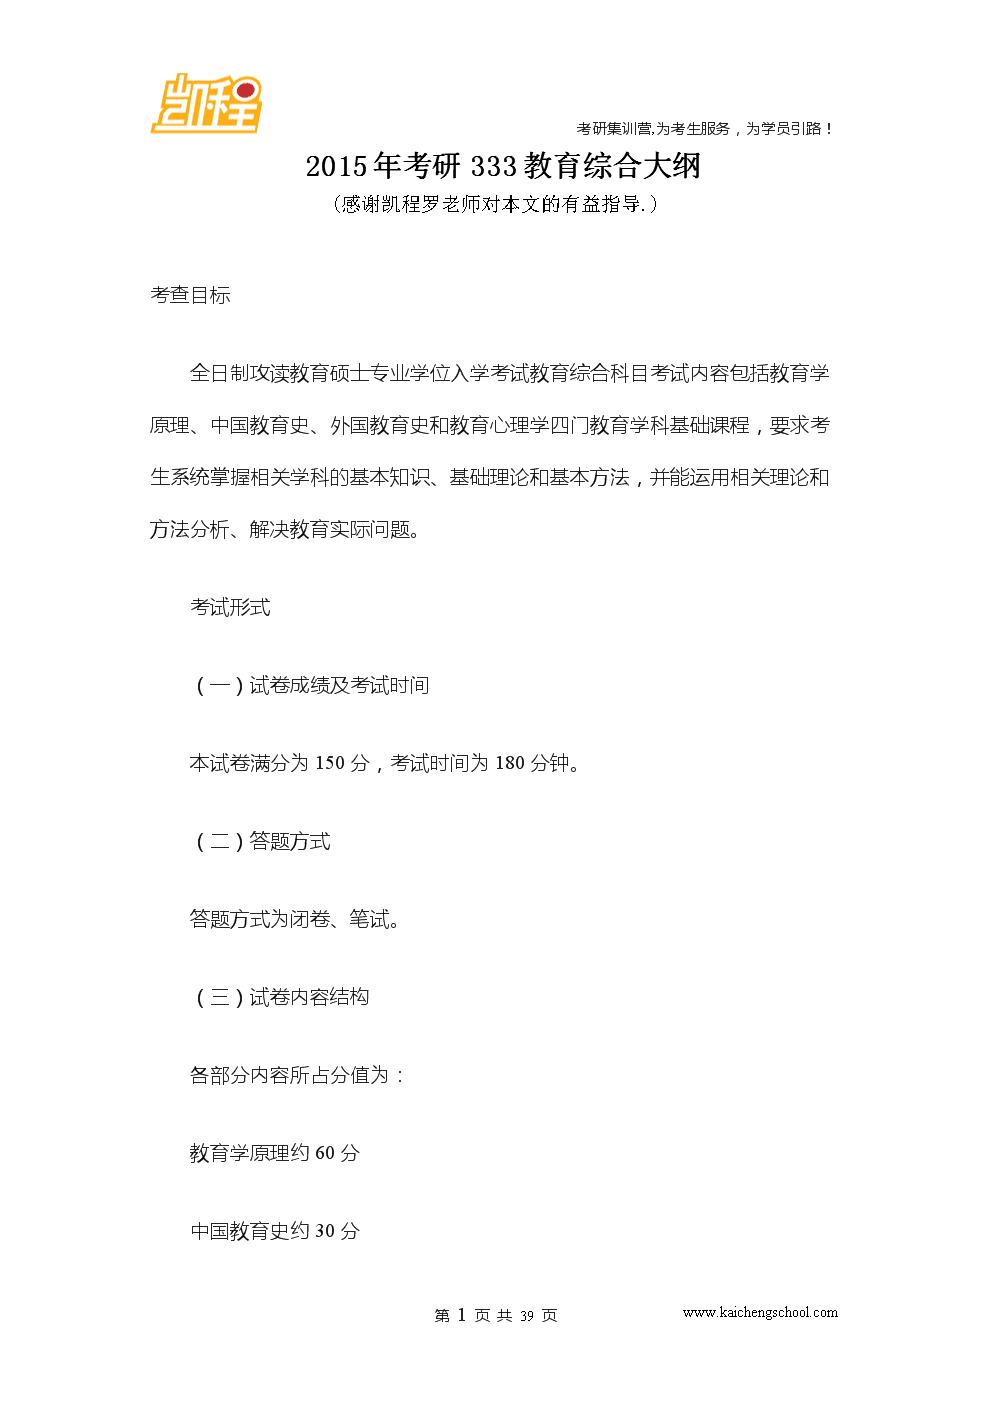 2015年考研333教育综合大纲.doc